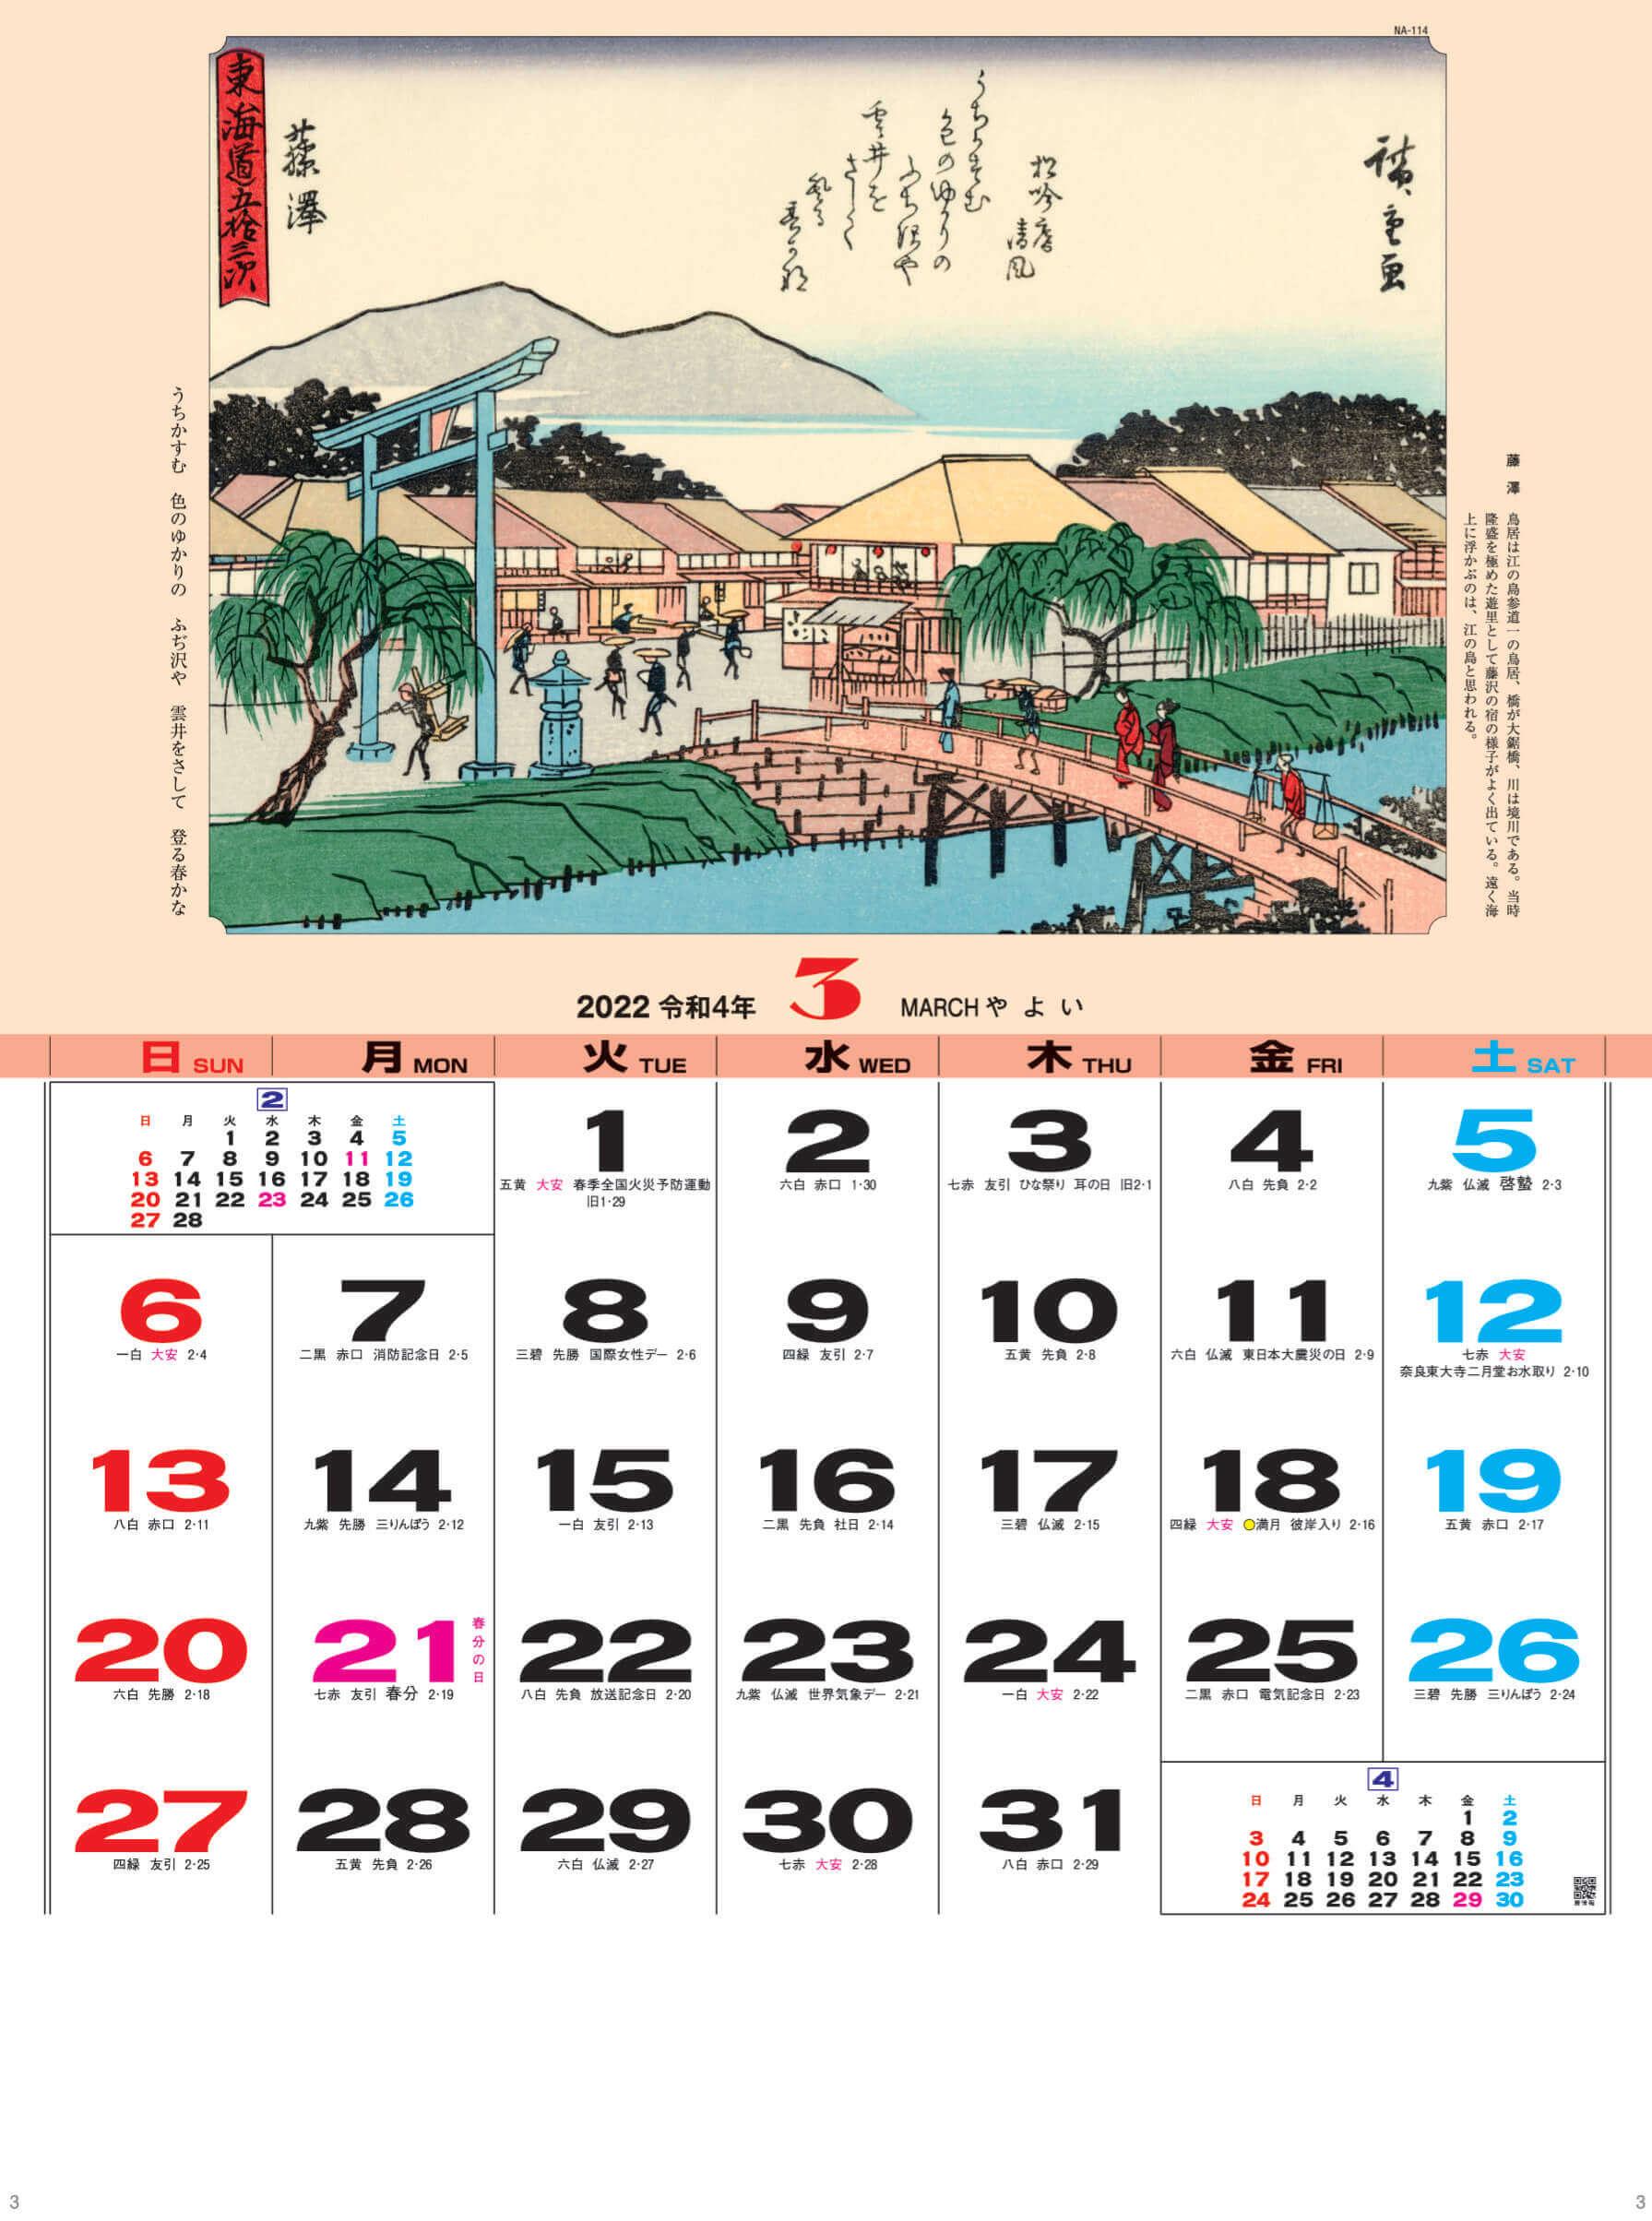 藤澤 広重 東海道五十三次 2022年カレンダーの画像